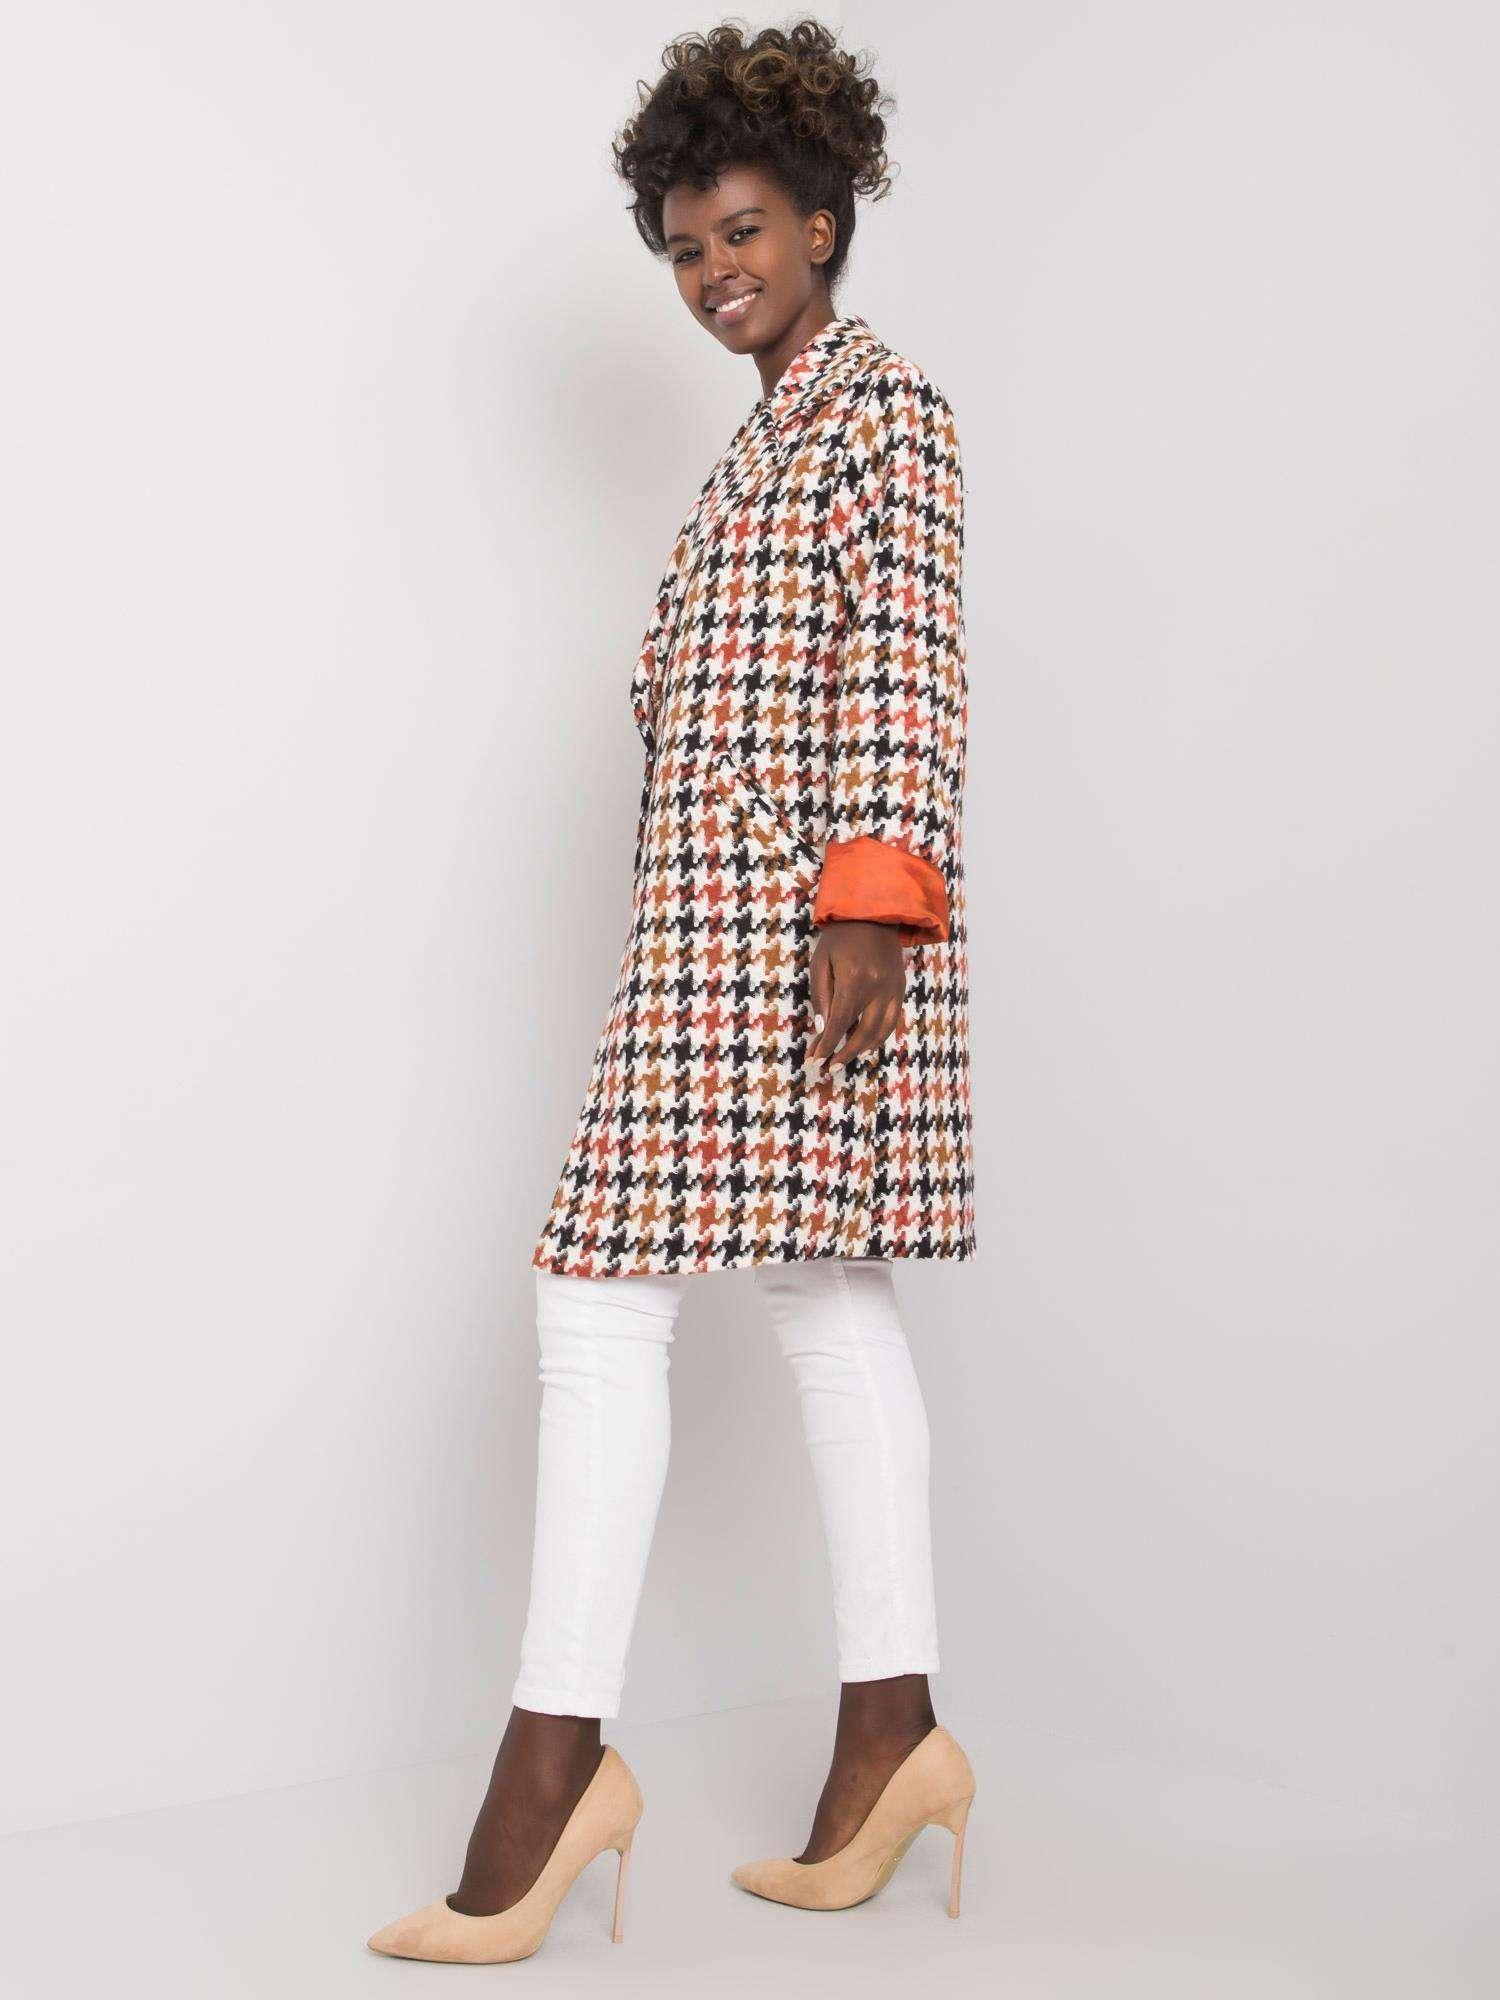 Mantel in Weiß-braun mit Hahnentrittmuster Seitenansicht